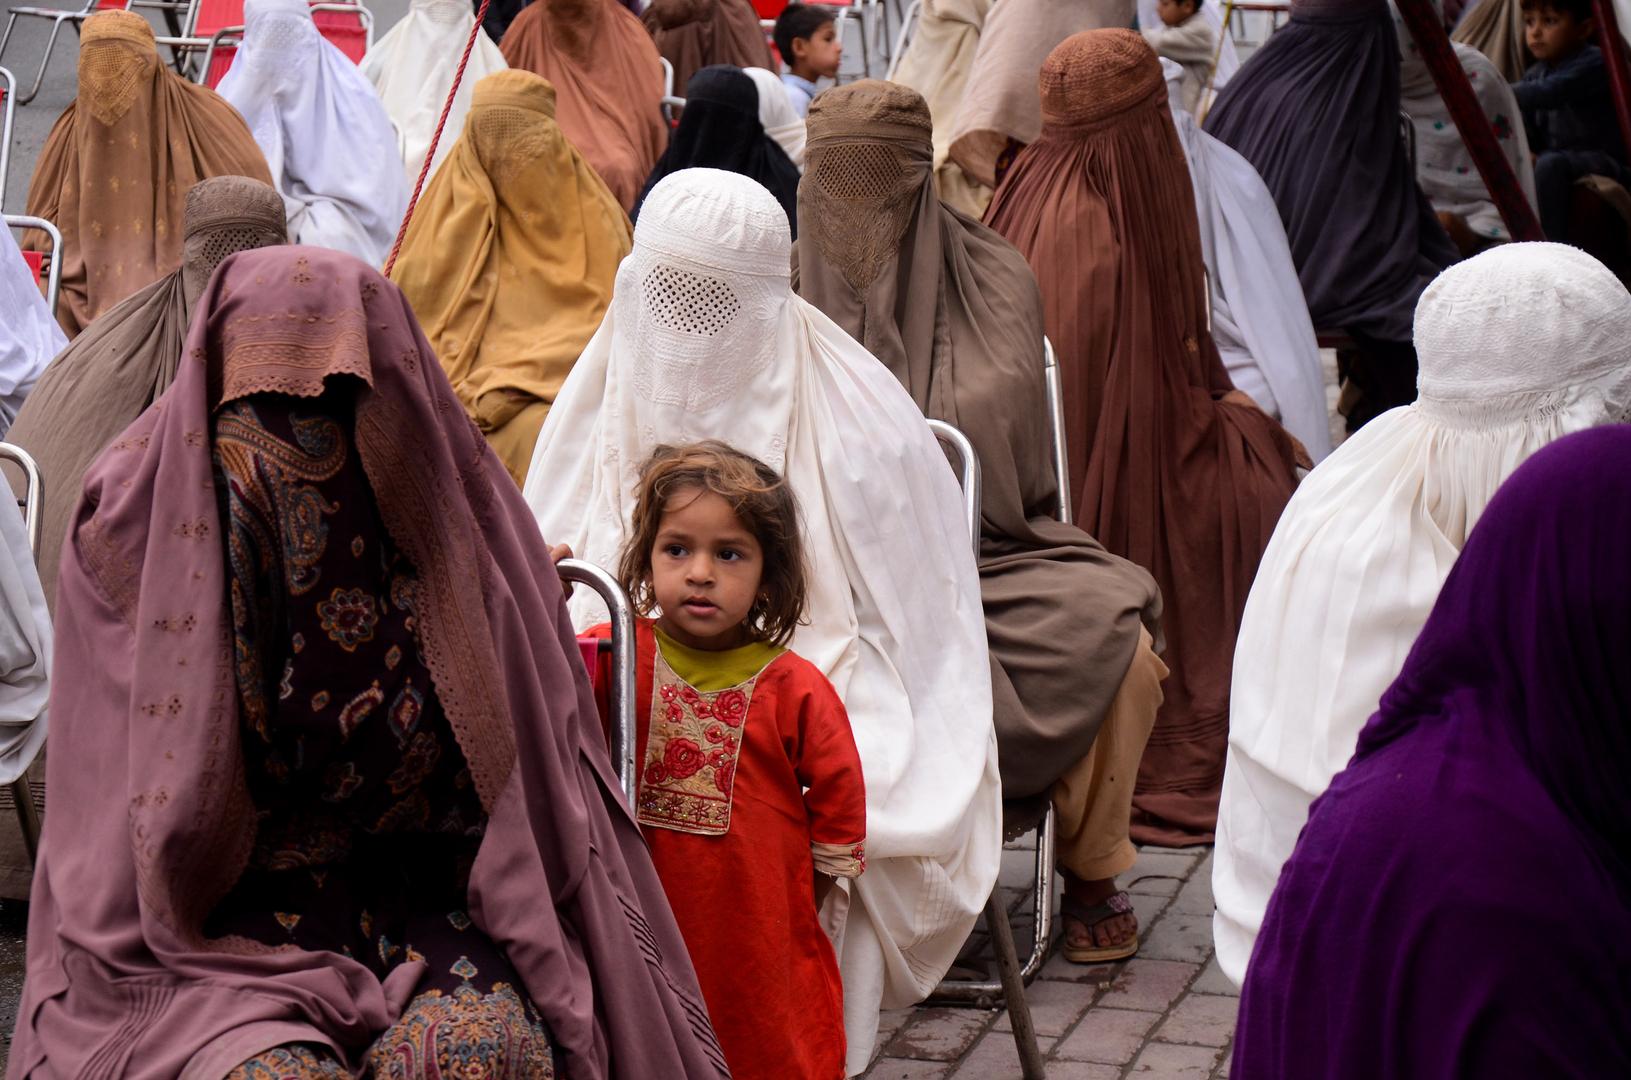 تعليق محقق في جريمة اغتصاب جماعي يثير الاستياء في باكستان